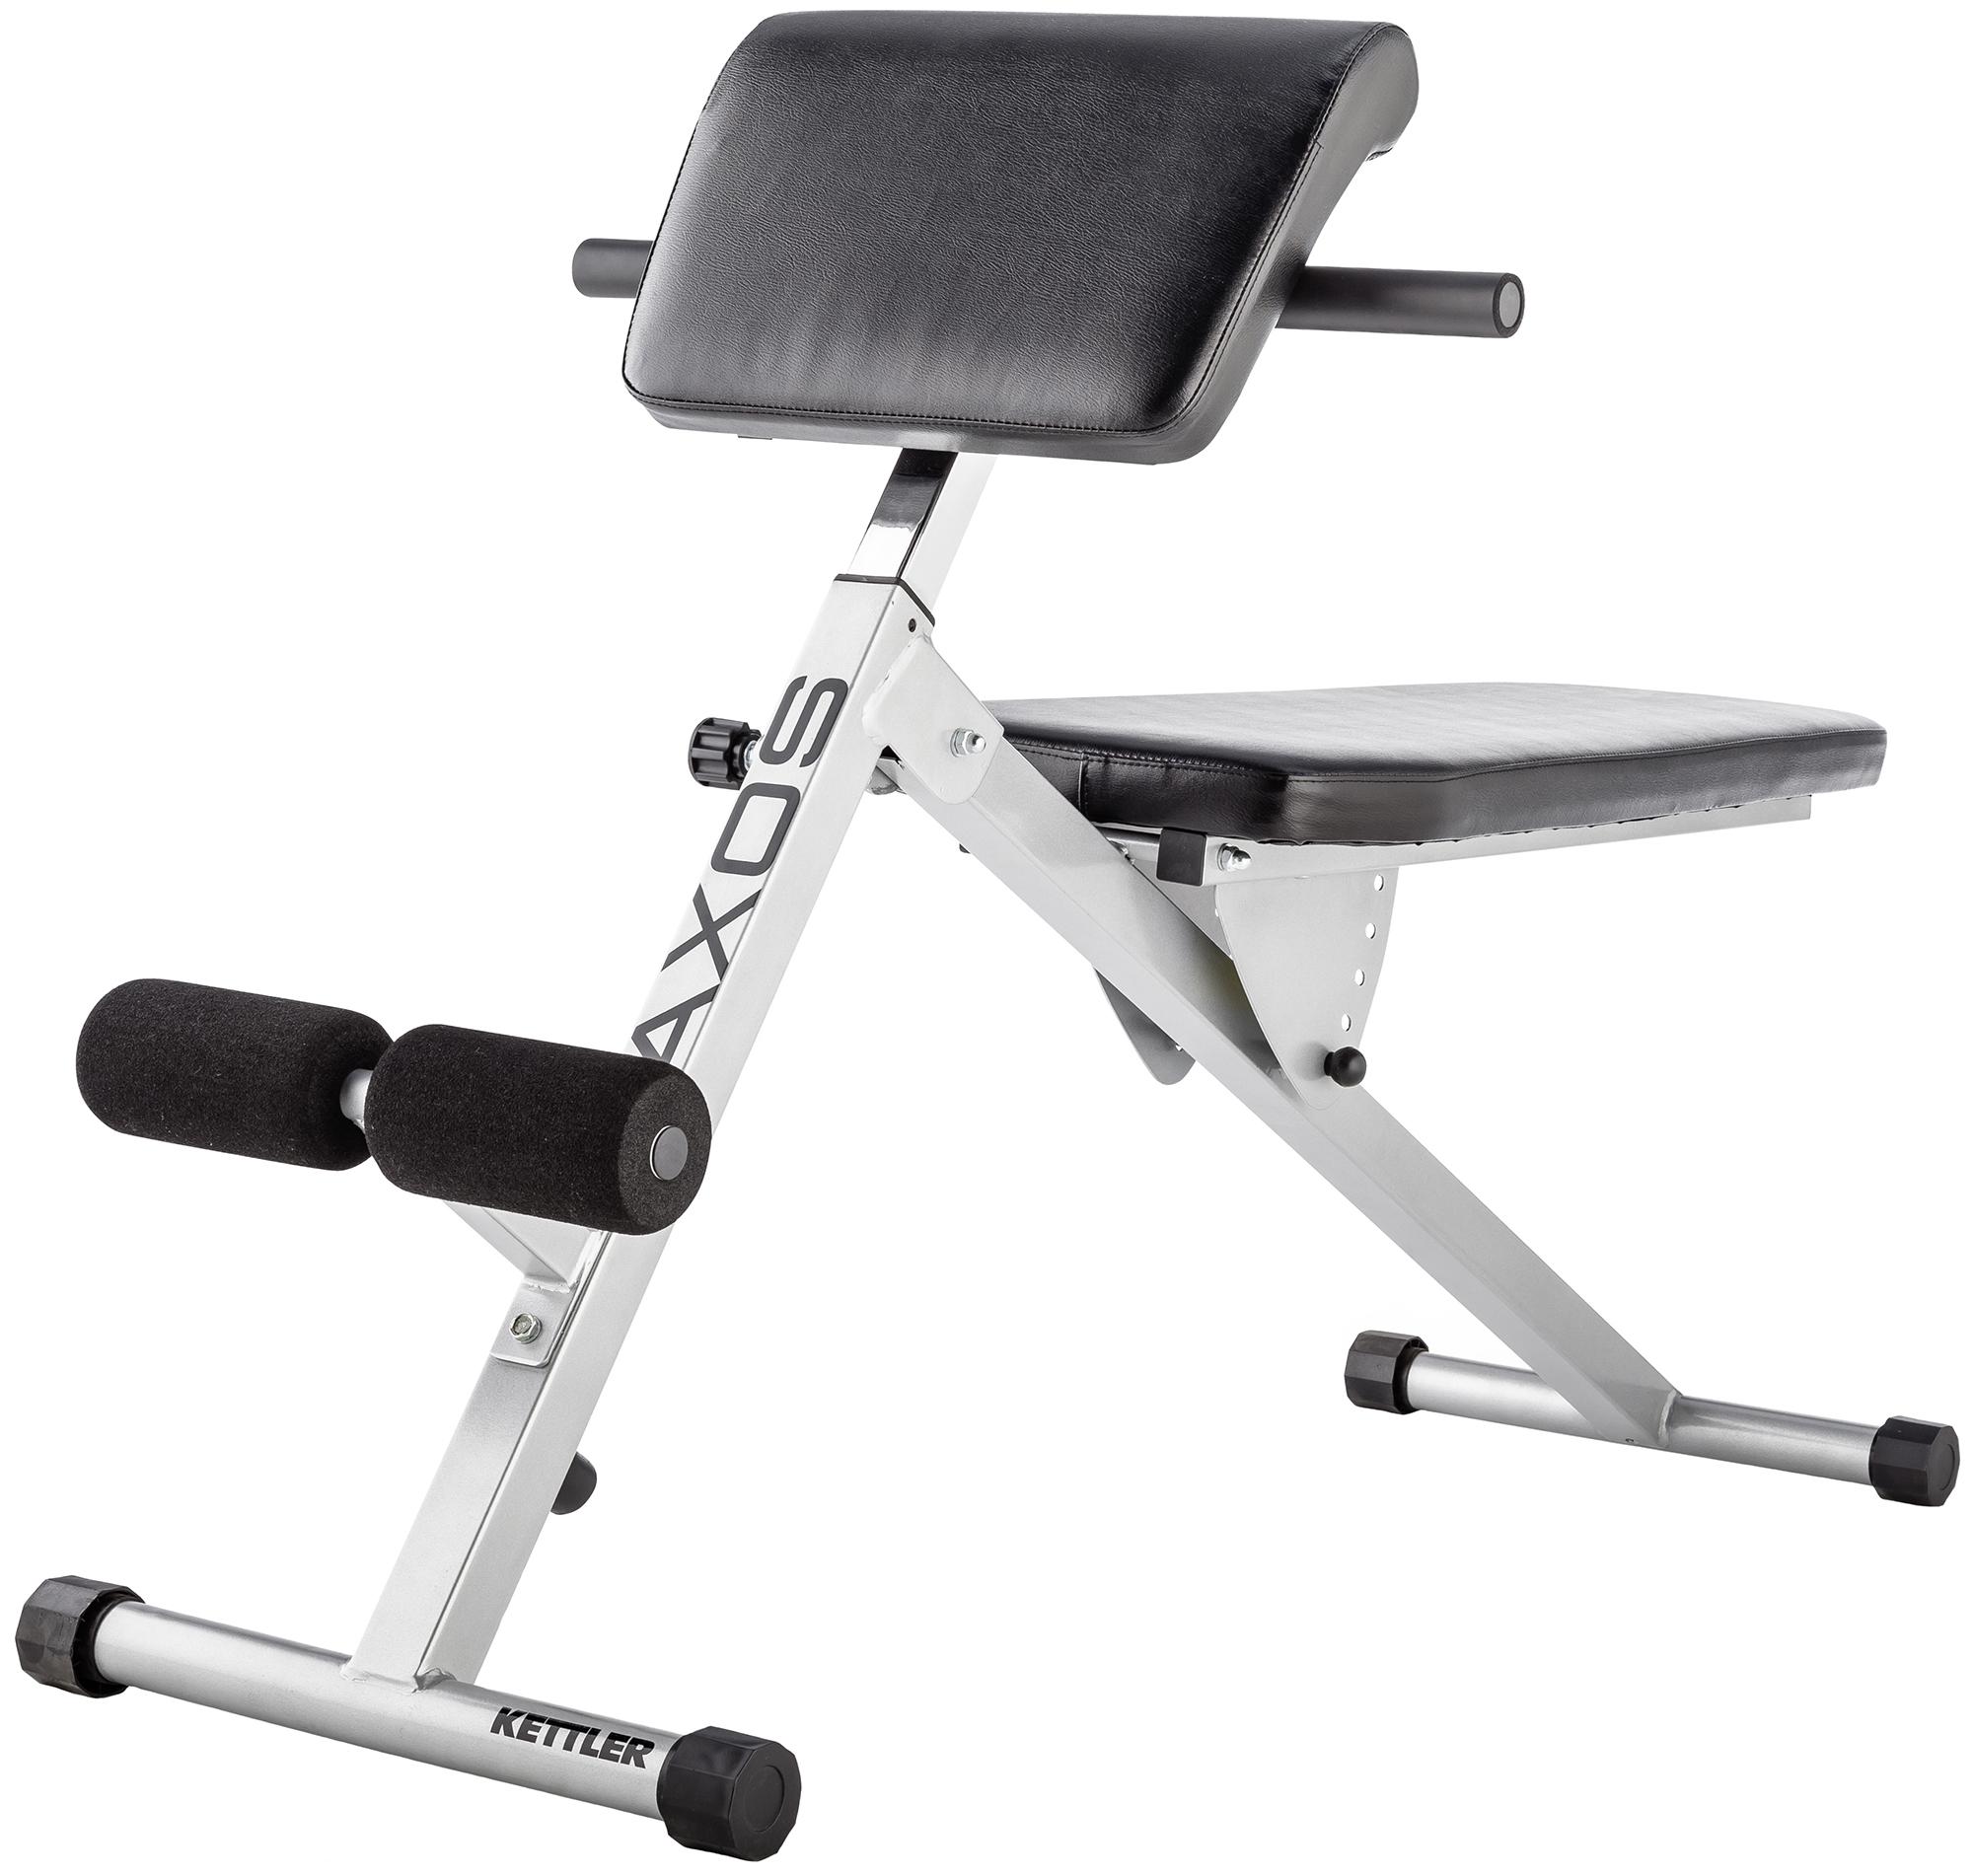 Kettler Скамья универсальная Axos Combi-Trainer kettler теннисный стол всепогодный kettler axos outdoor 1